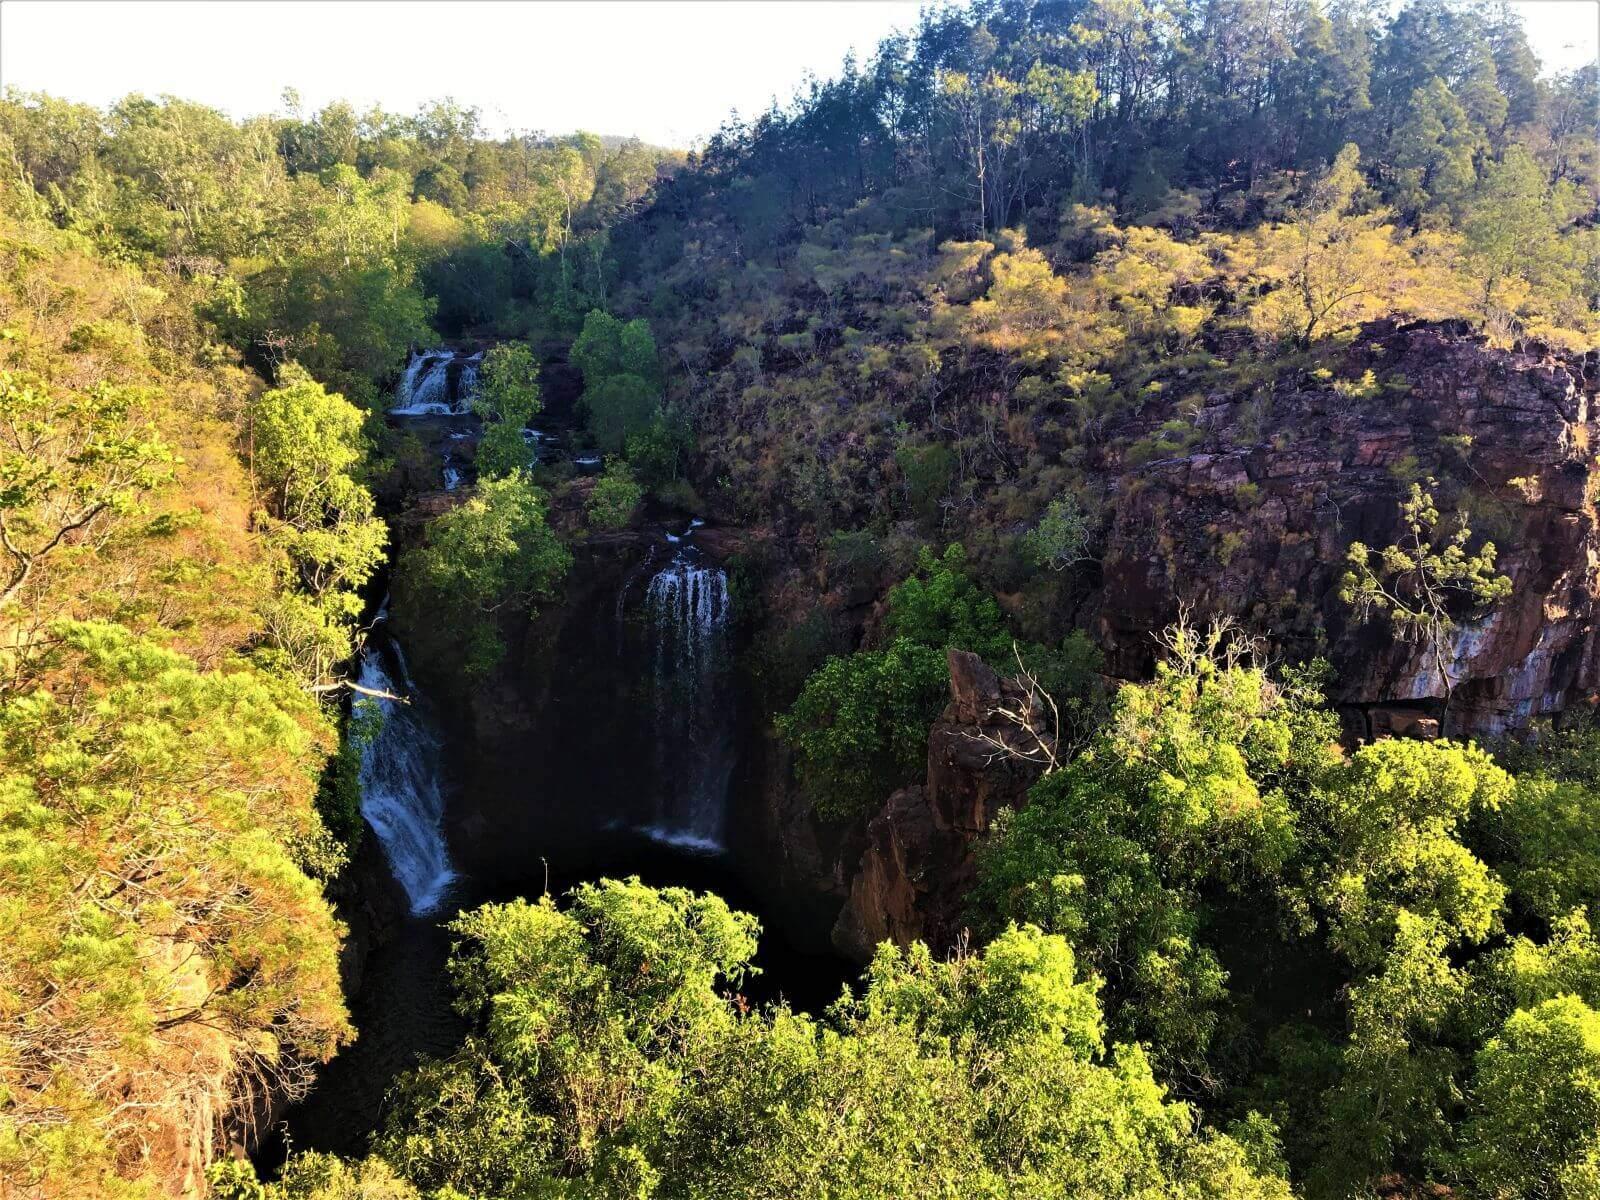 Wasserfall in Australien - Die Florence Falls